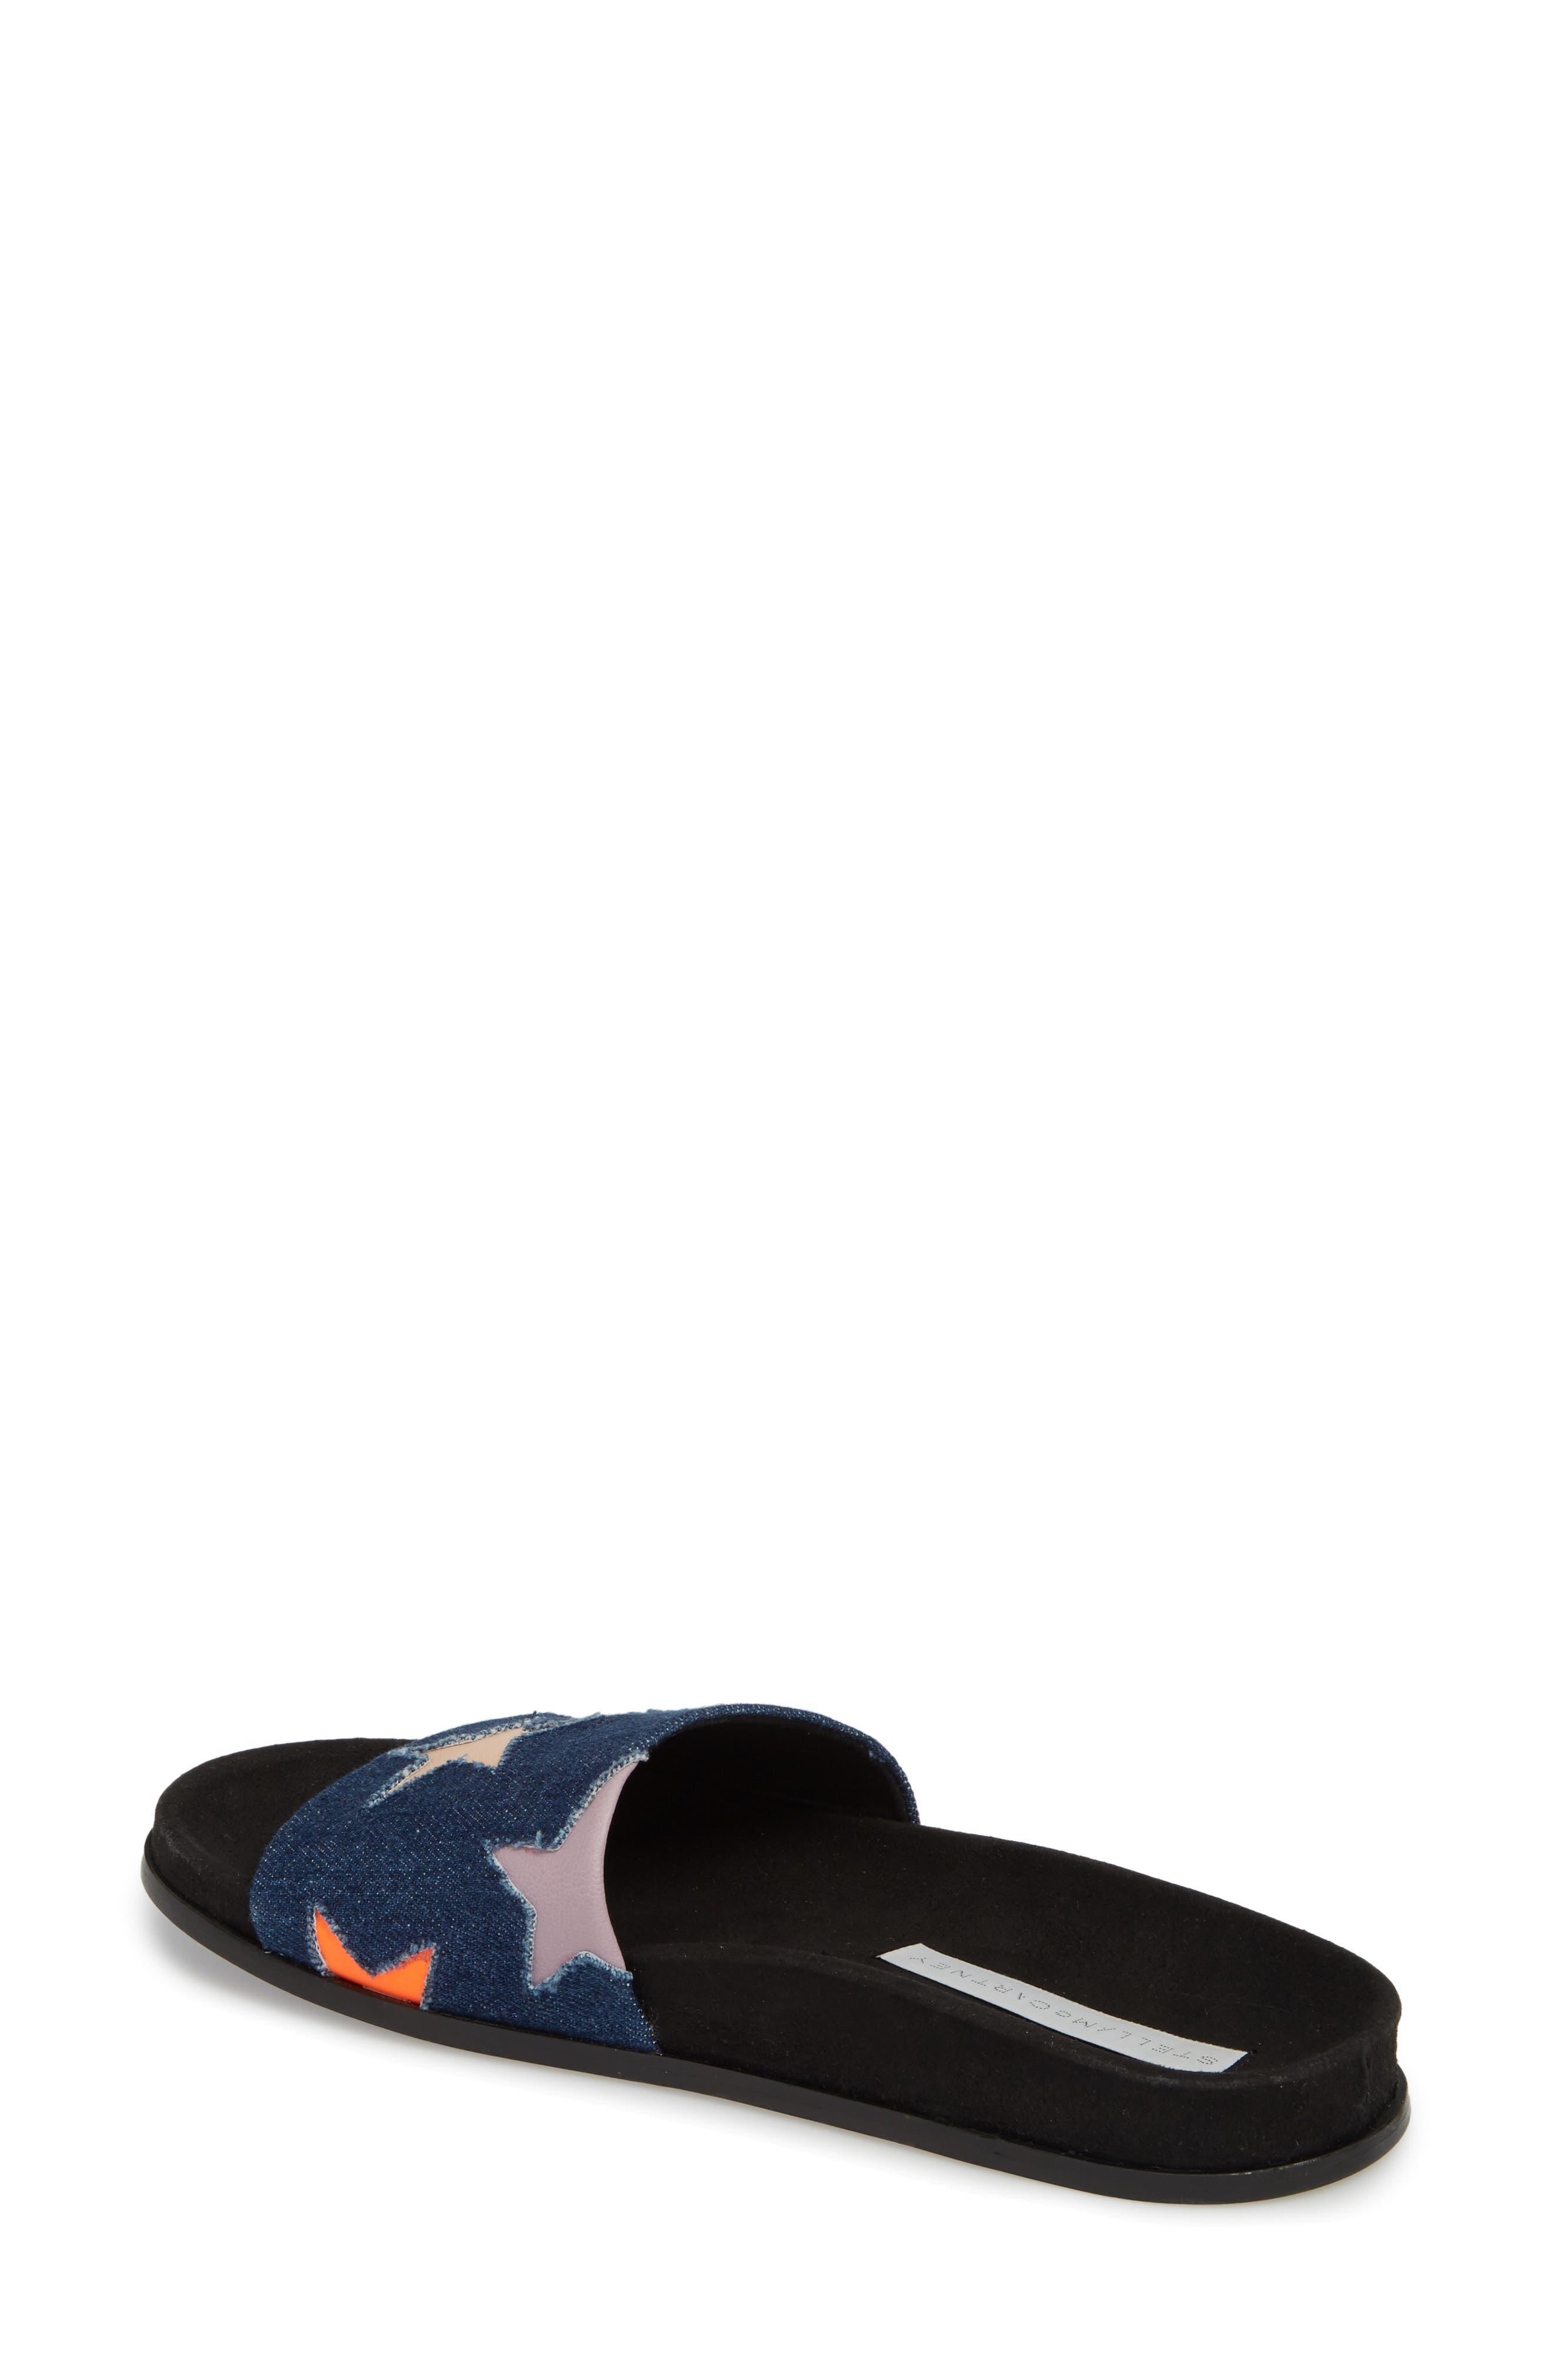 Star Slide Sandal,                             Alternate thumbnail 2, color,                             Navy